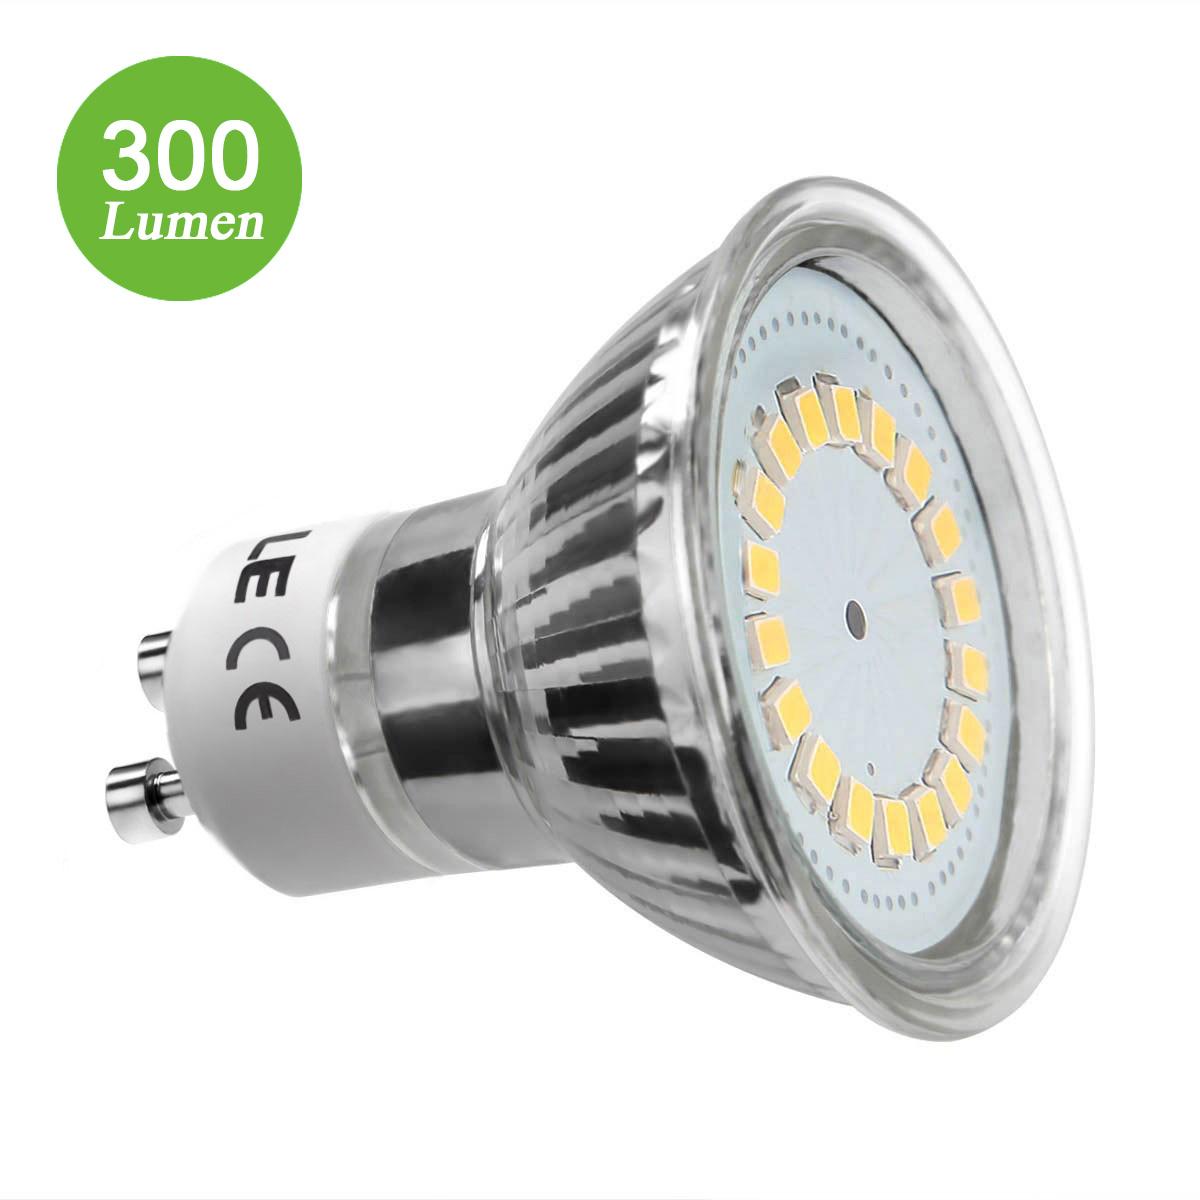 3,5W GU10 MR16 LED Spot, 350lm Leuchtmittel, Ersatz für 50W Halogen, Warmweiß